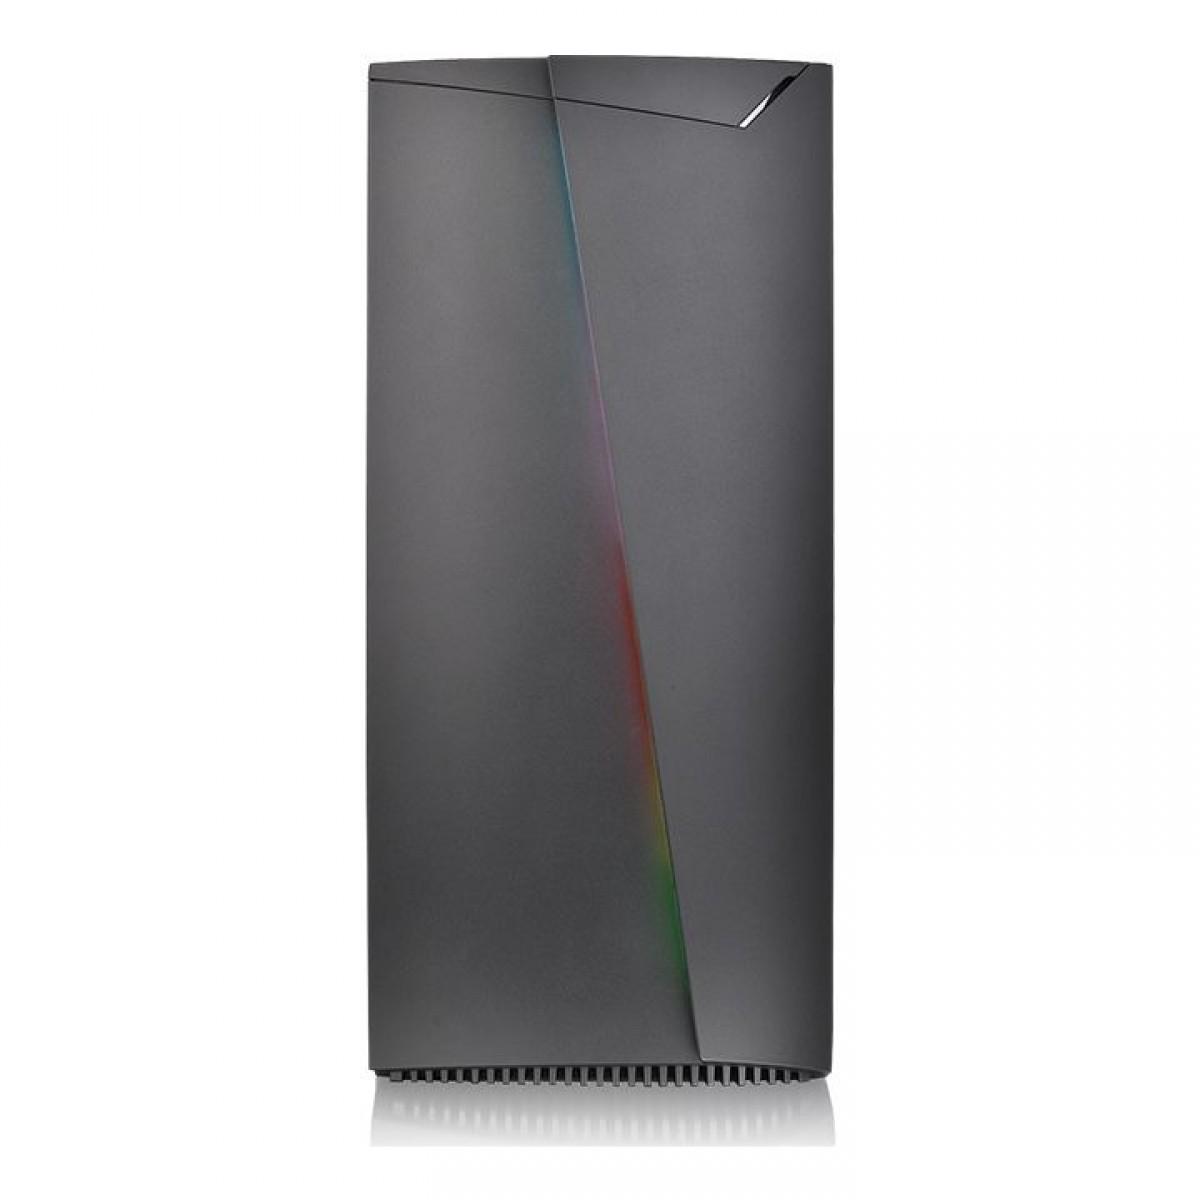 Gabinete Gamer Thermaltake H350 TG RGB, Mid Tower, Vidro Temperado, Black, ATX, Sem Fonte, Com 1 Fan, CA-1R9-00M1WN-00